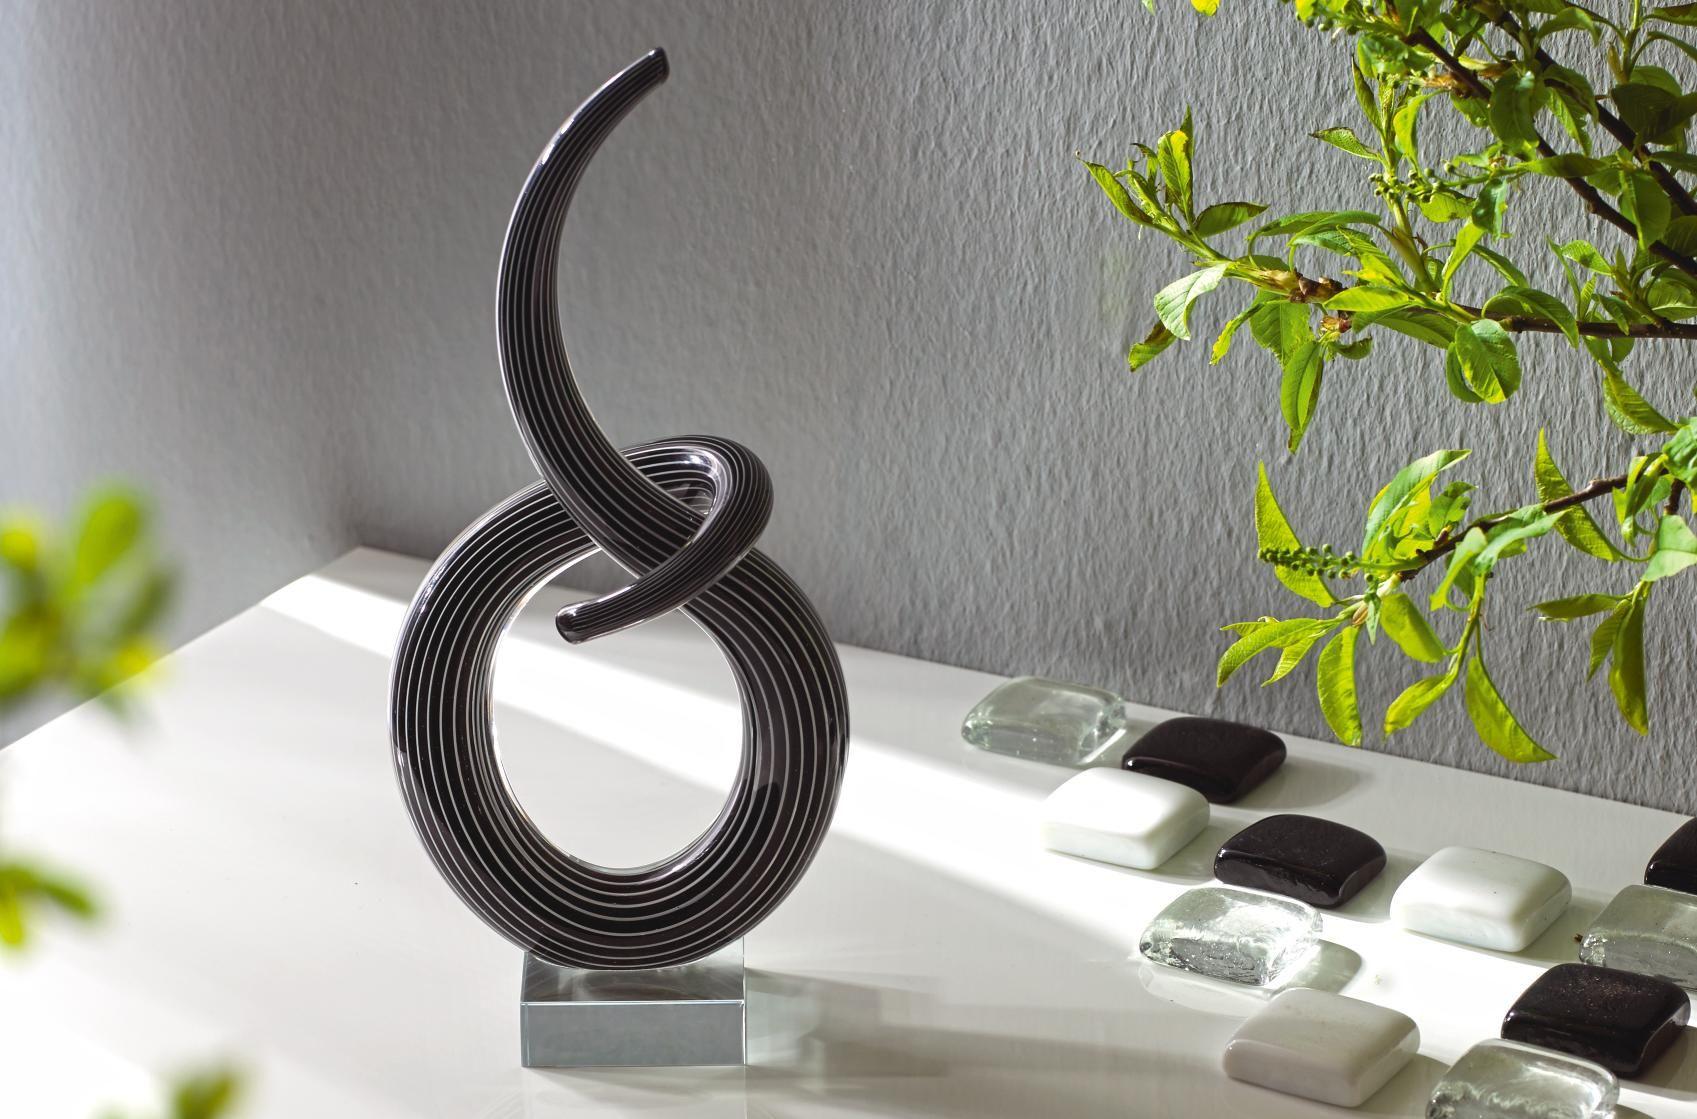 Dekoobjekt aus Muranoglas: ein abstrakter und moderner